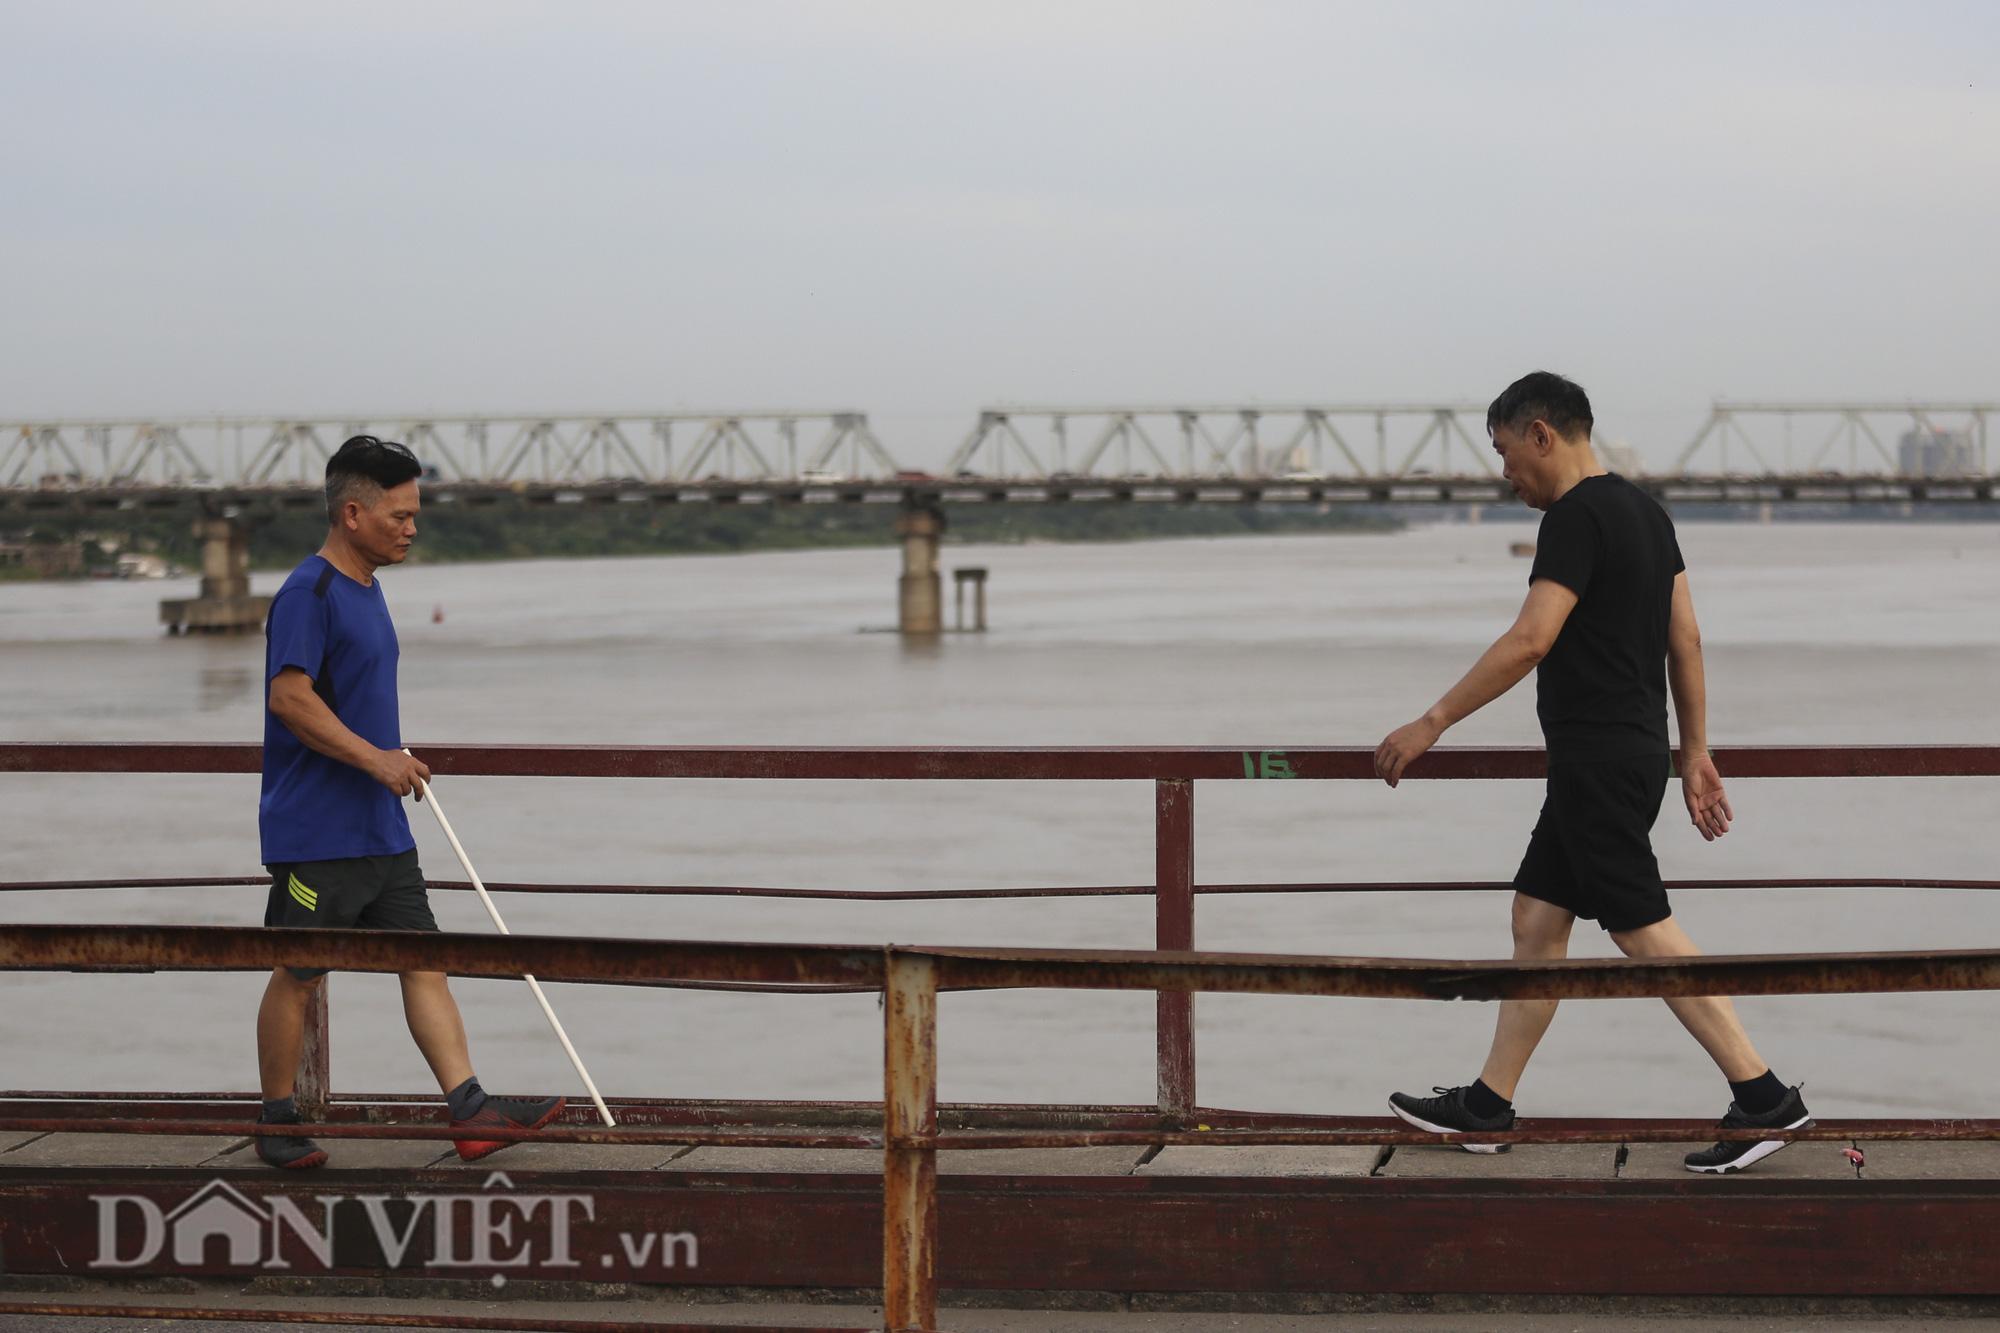 Mặc biển cấm, người dân vẫn vô tư đi bộ trên cầu Long Biên - Ảnh 7.